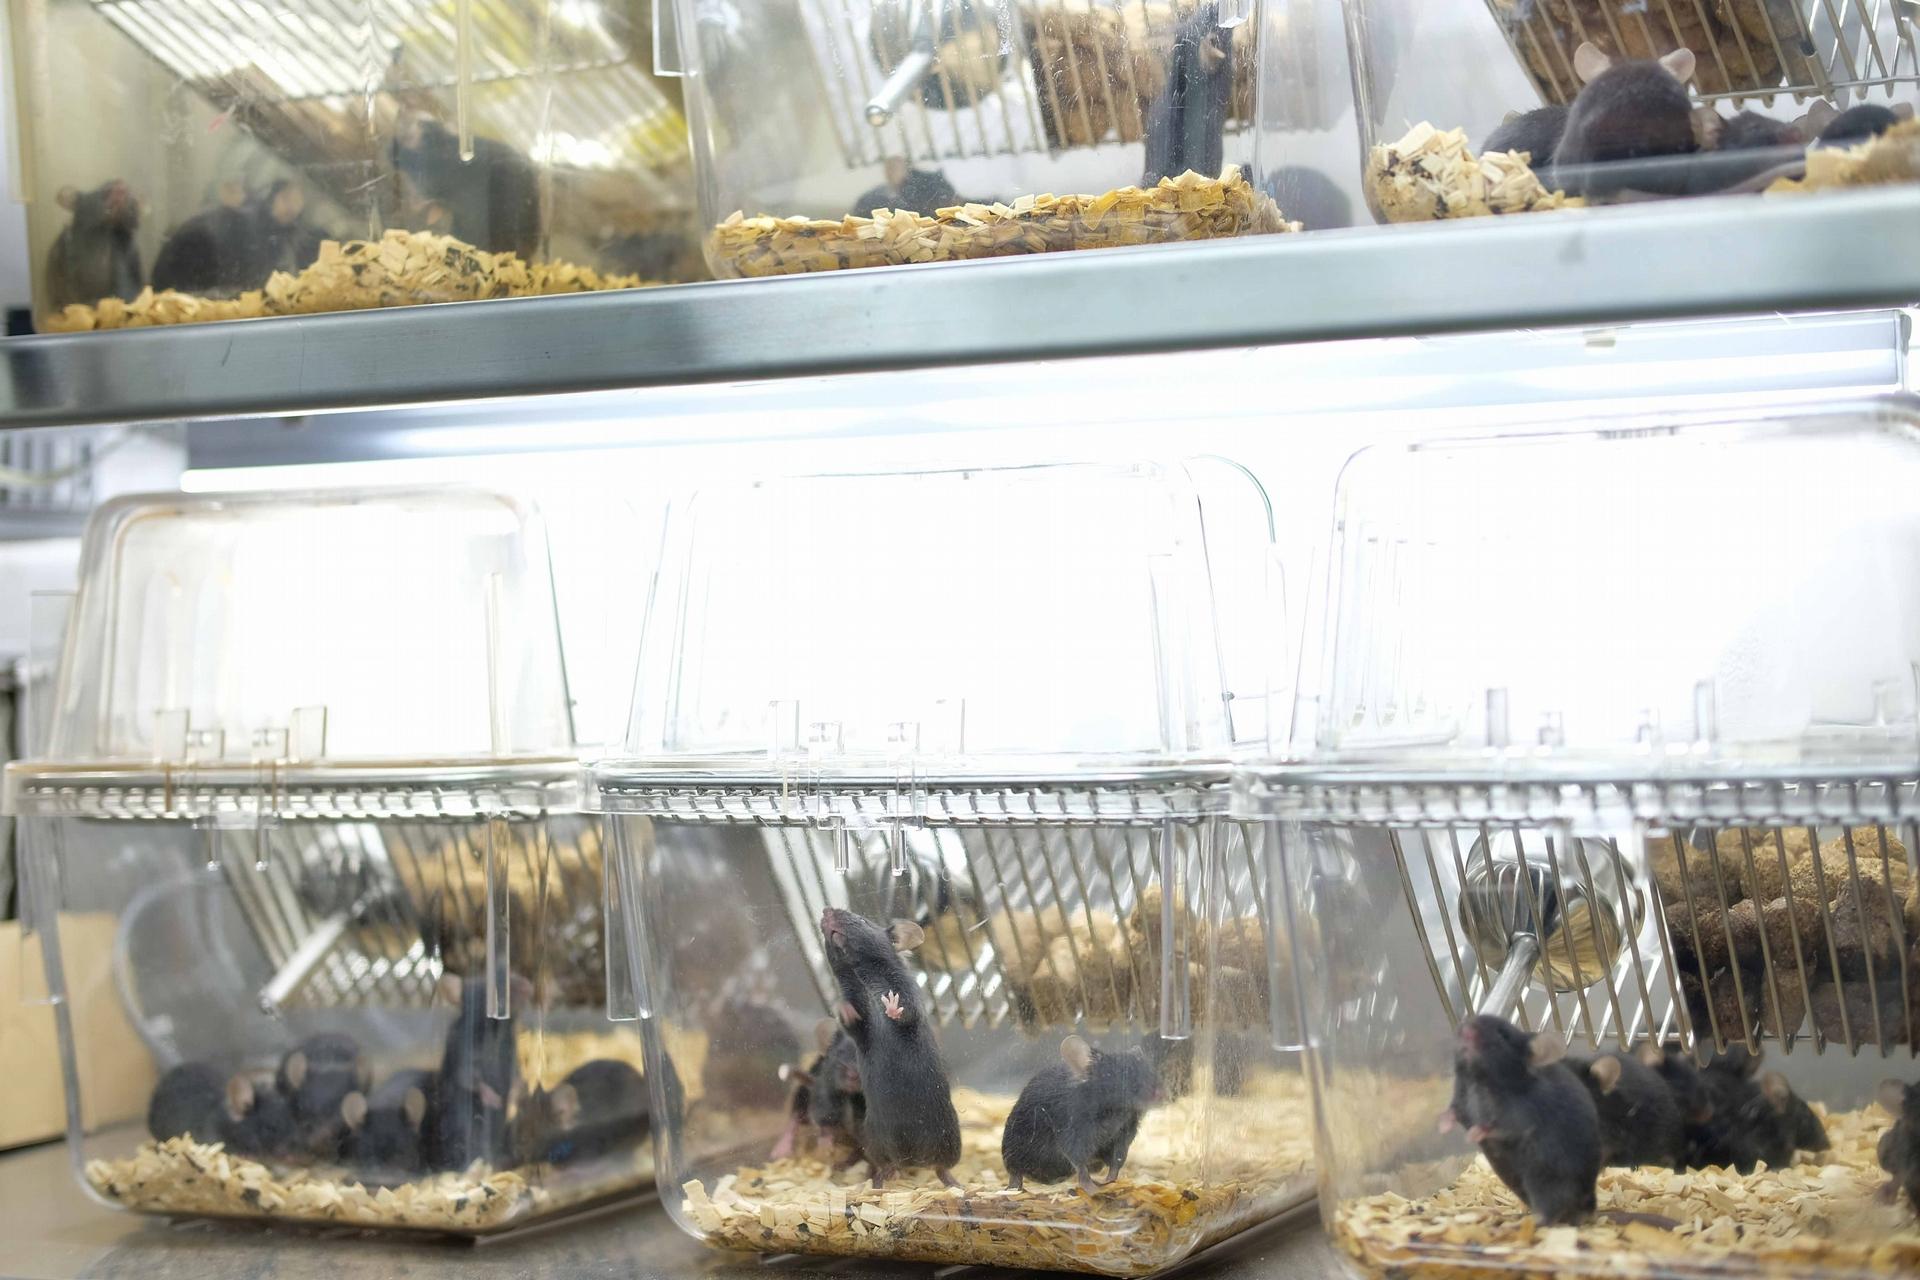 實驗室裡正接受光照、調控生理時鐘為白天的小鼠們。攝影│林婷嫻